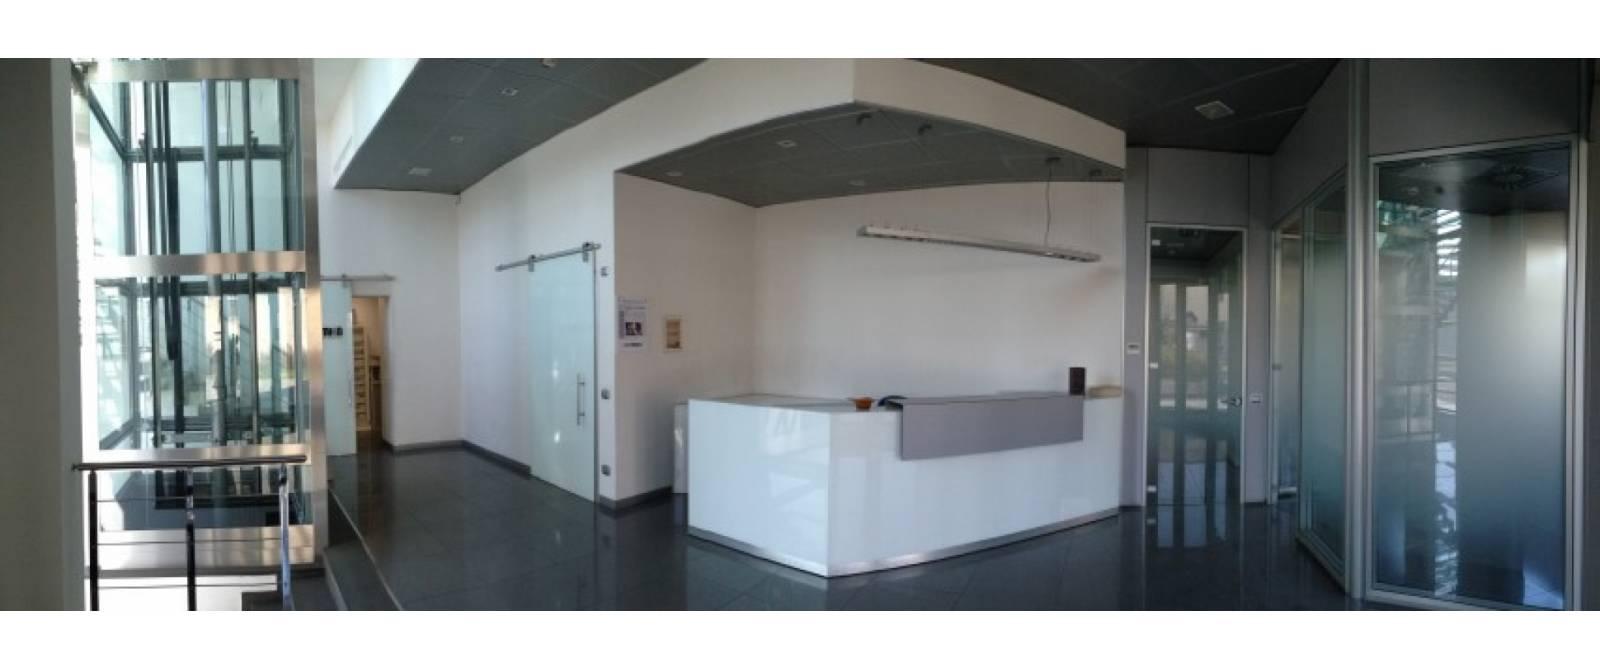 Studio colombo for Piani di capannone per uffici esterni